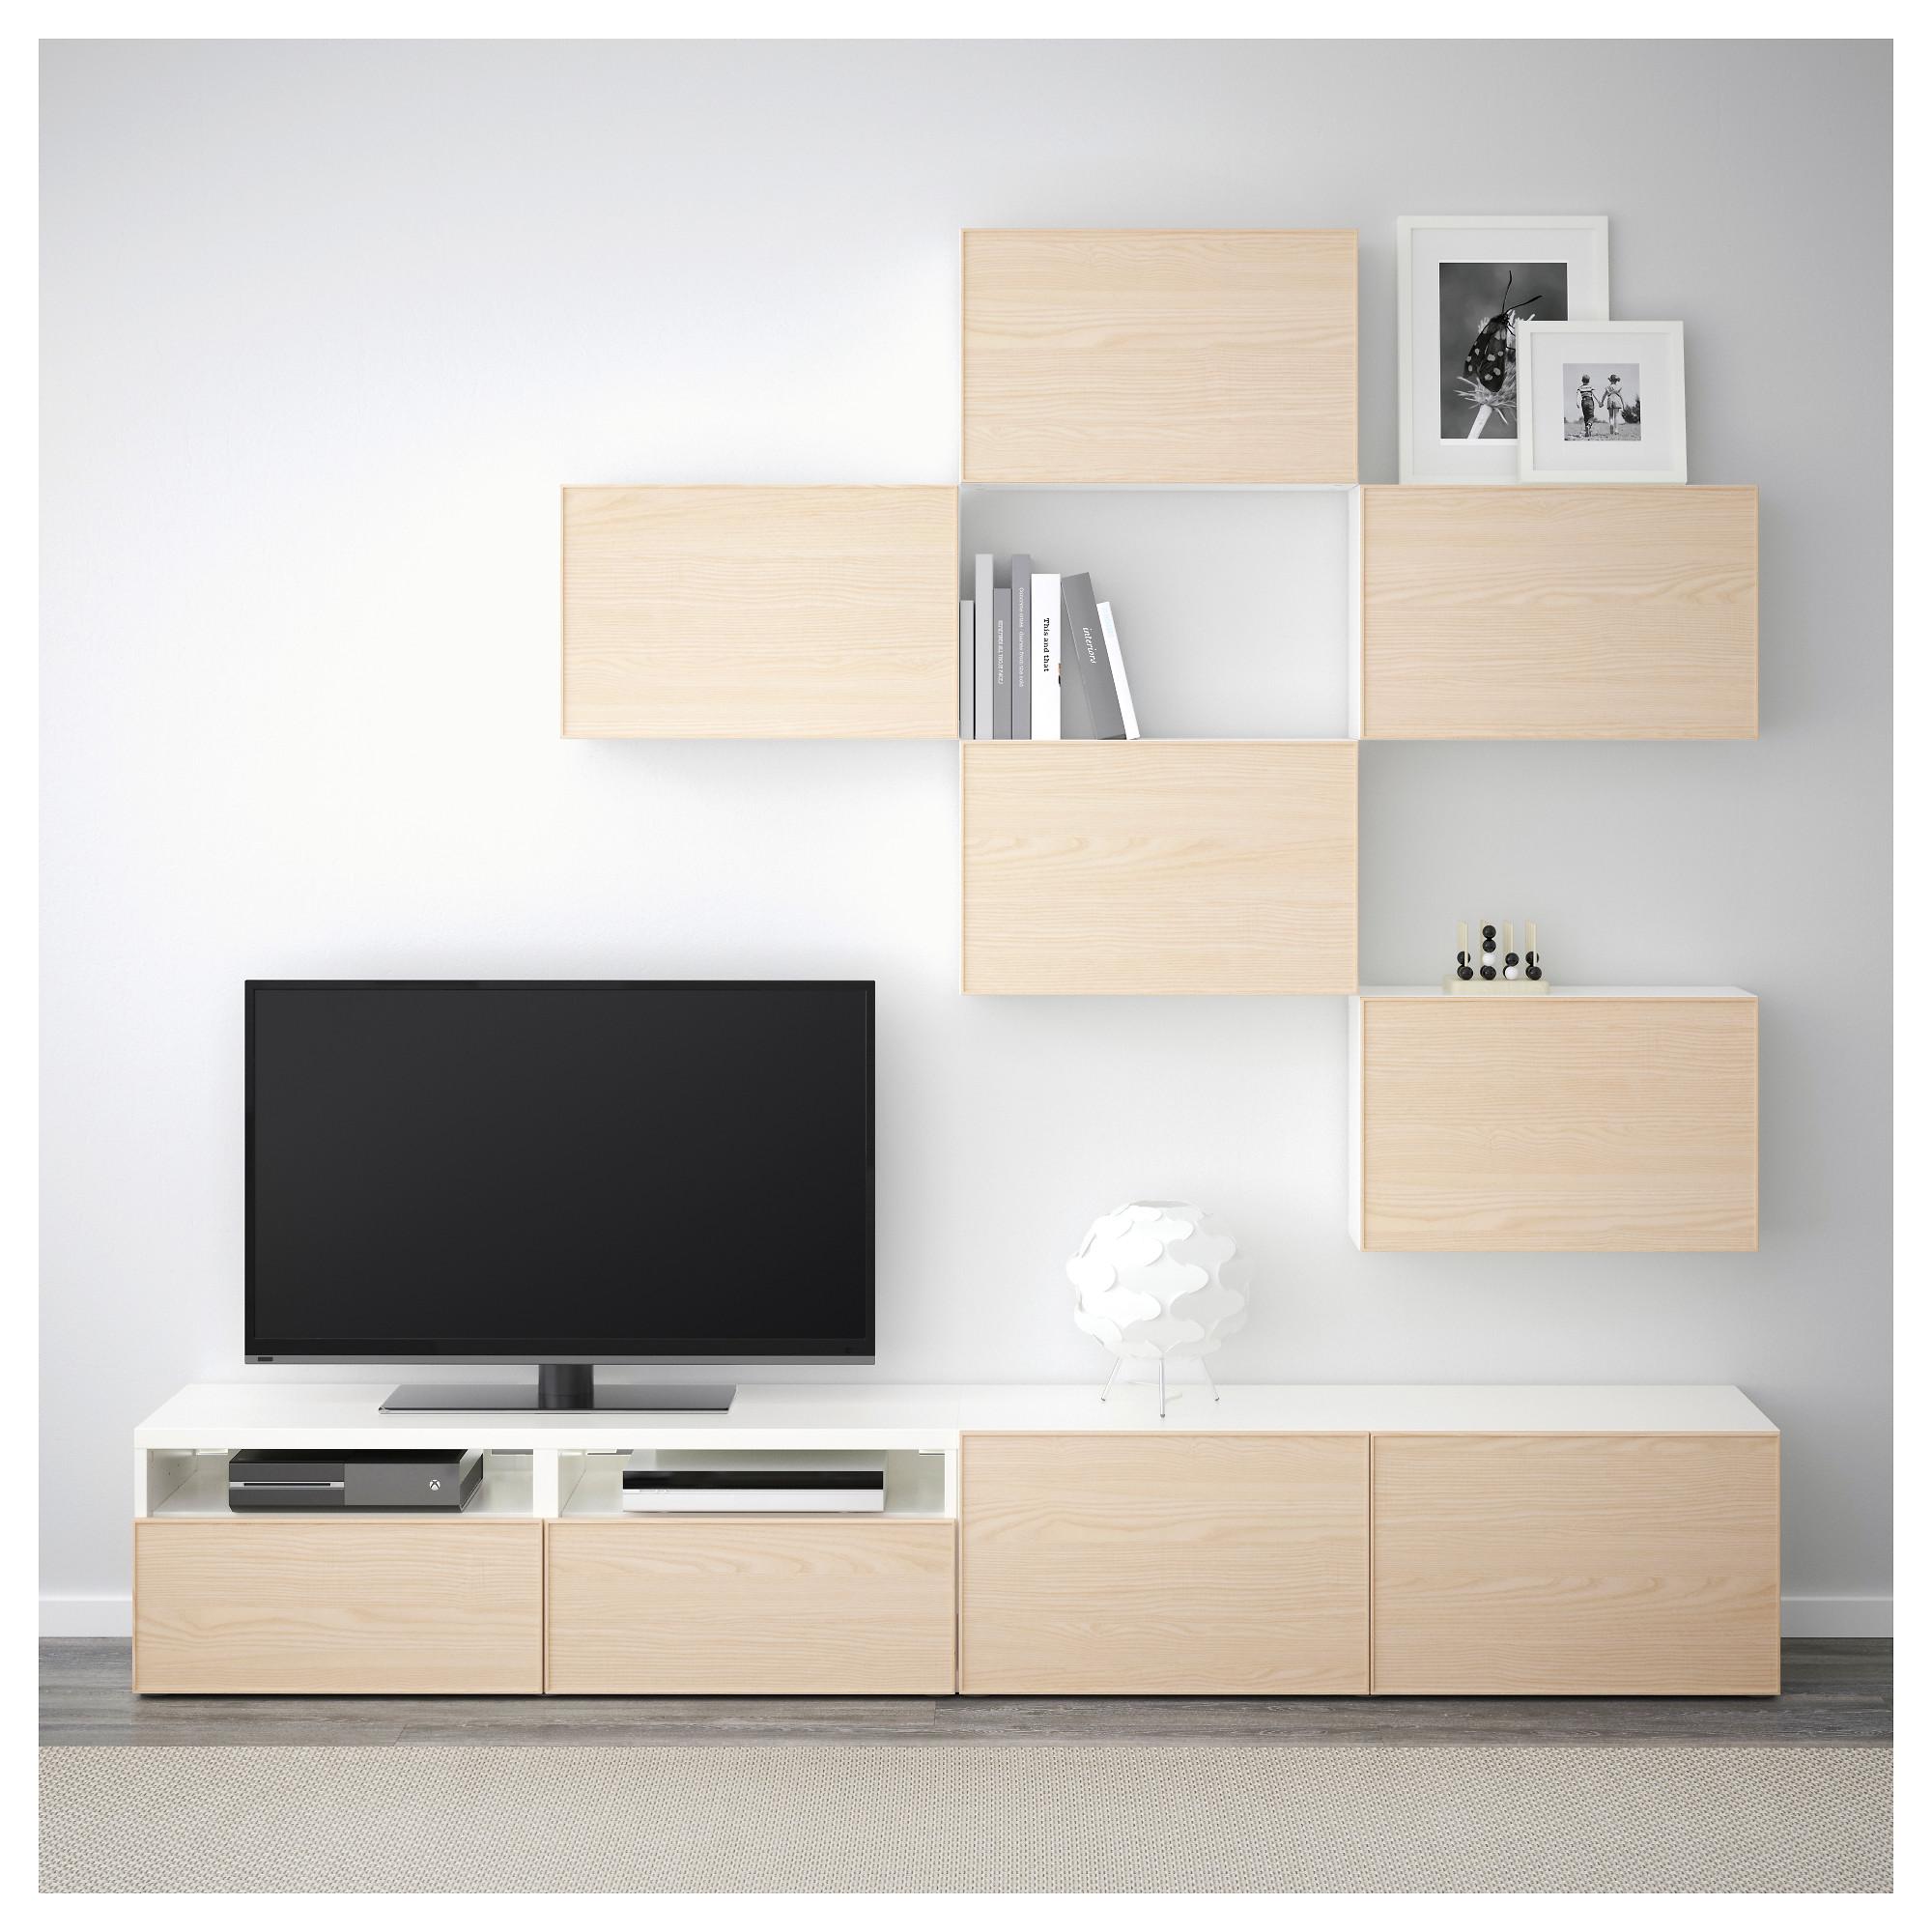 Шкаф для ТВ, комбинация БЕСТО белый артикуль № 292.514.27 в наличии. Онлайн сайт IKEA Республика Беларусь. Быстрая доставка и установка.